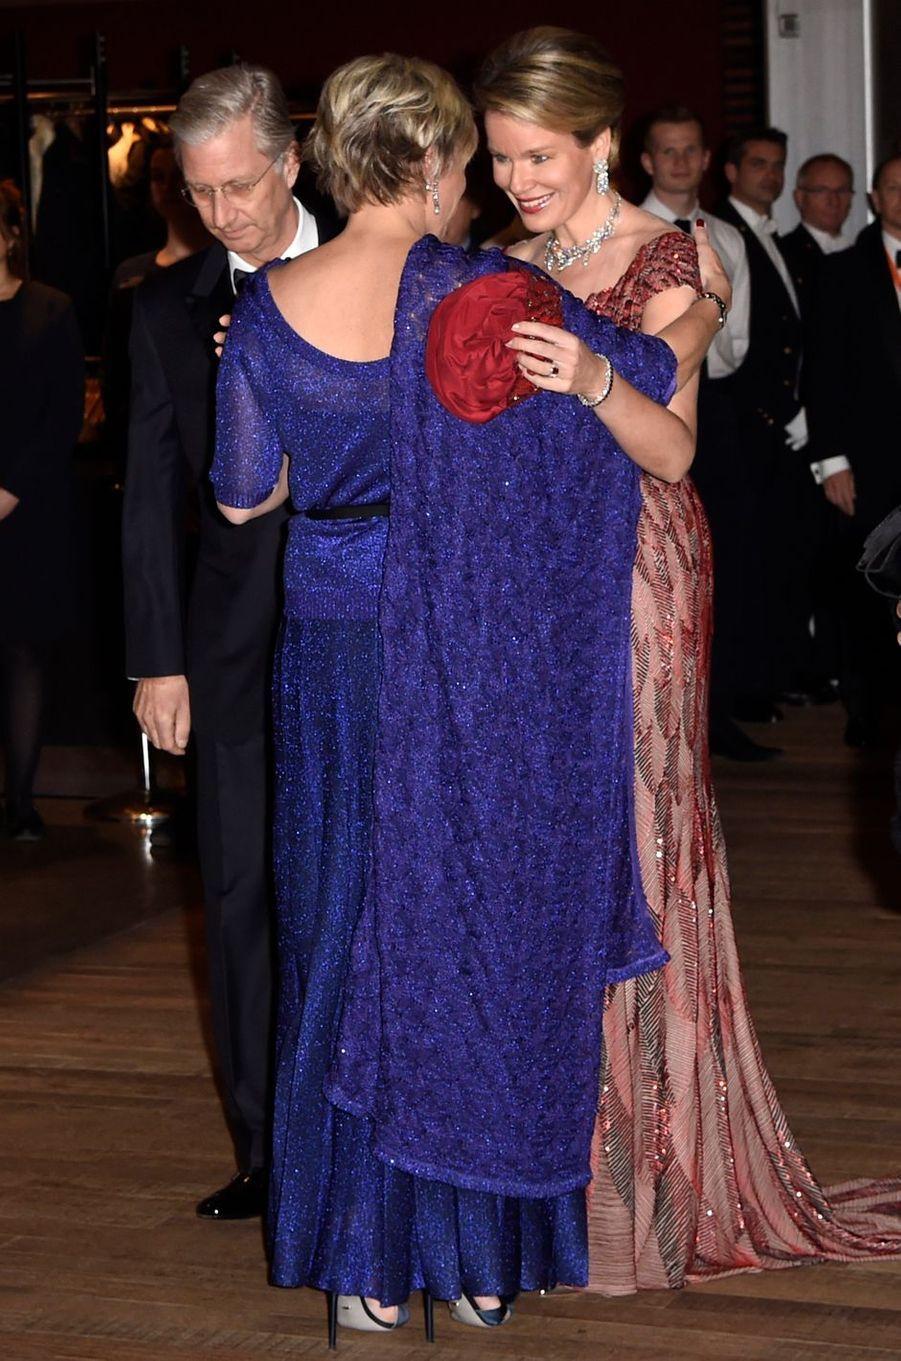 La princesse Laurentien des Pays-Bas avec la reine Mathilde et le roi Philippe de Belgique à Amsterdam, le 29 novembre 2016